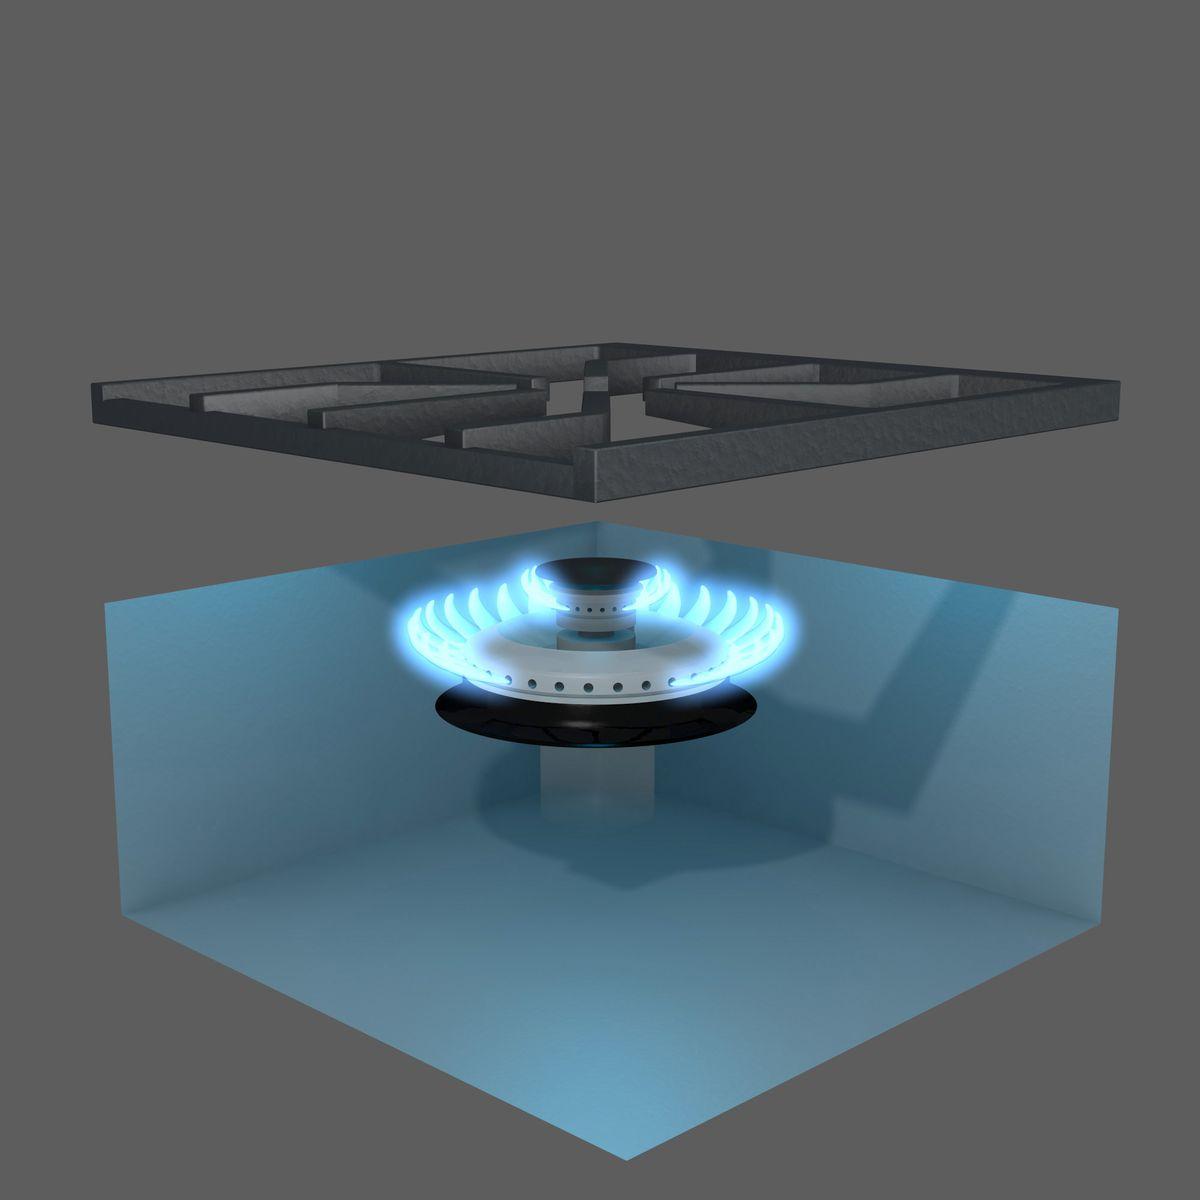 Illustration of a power burner.